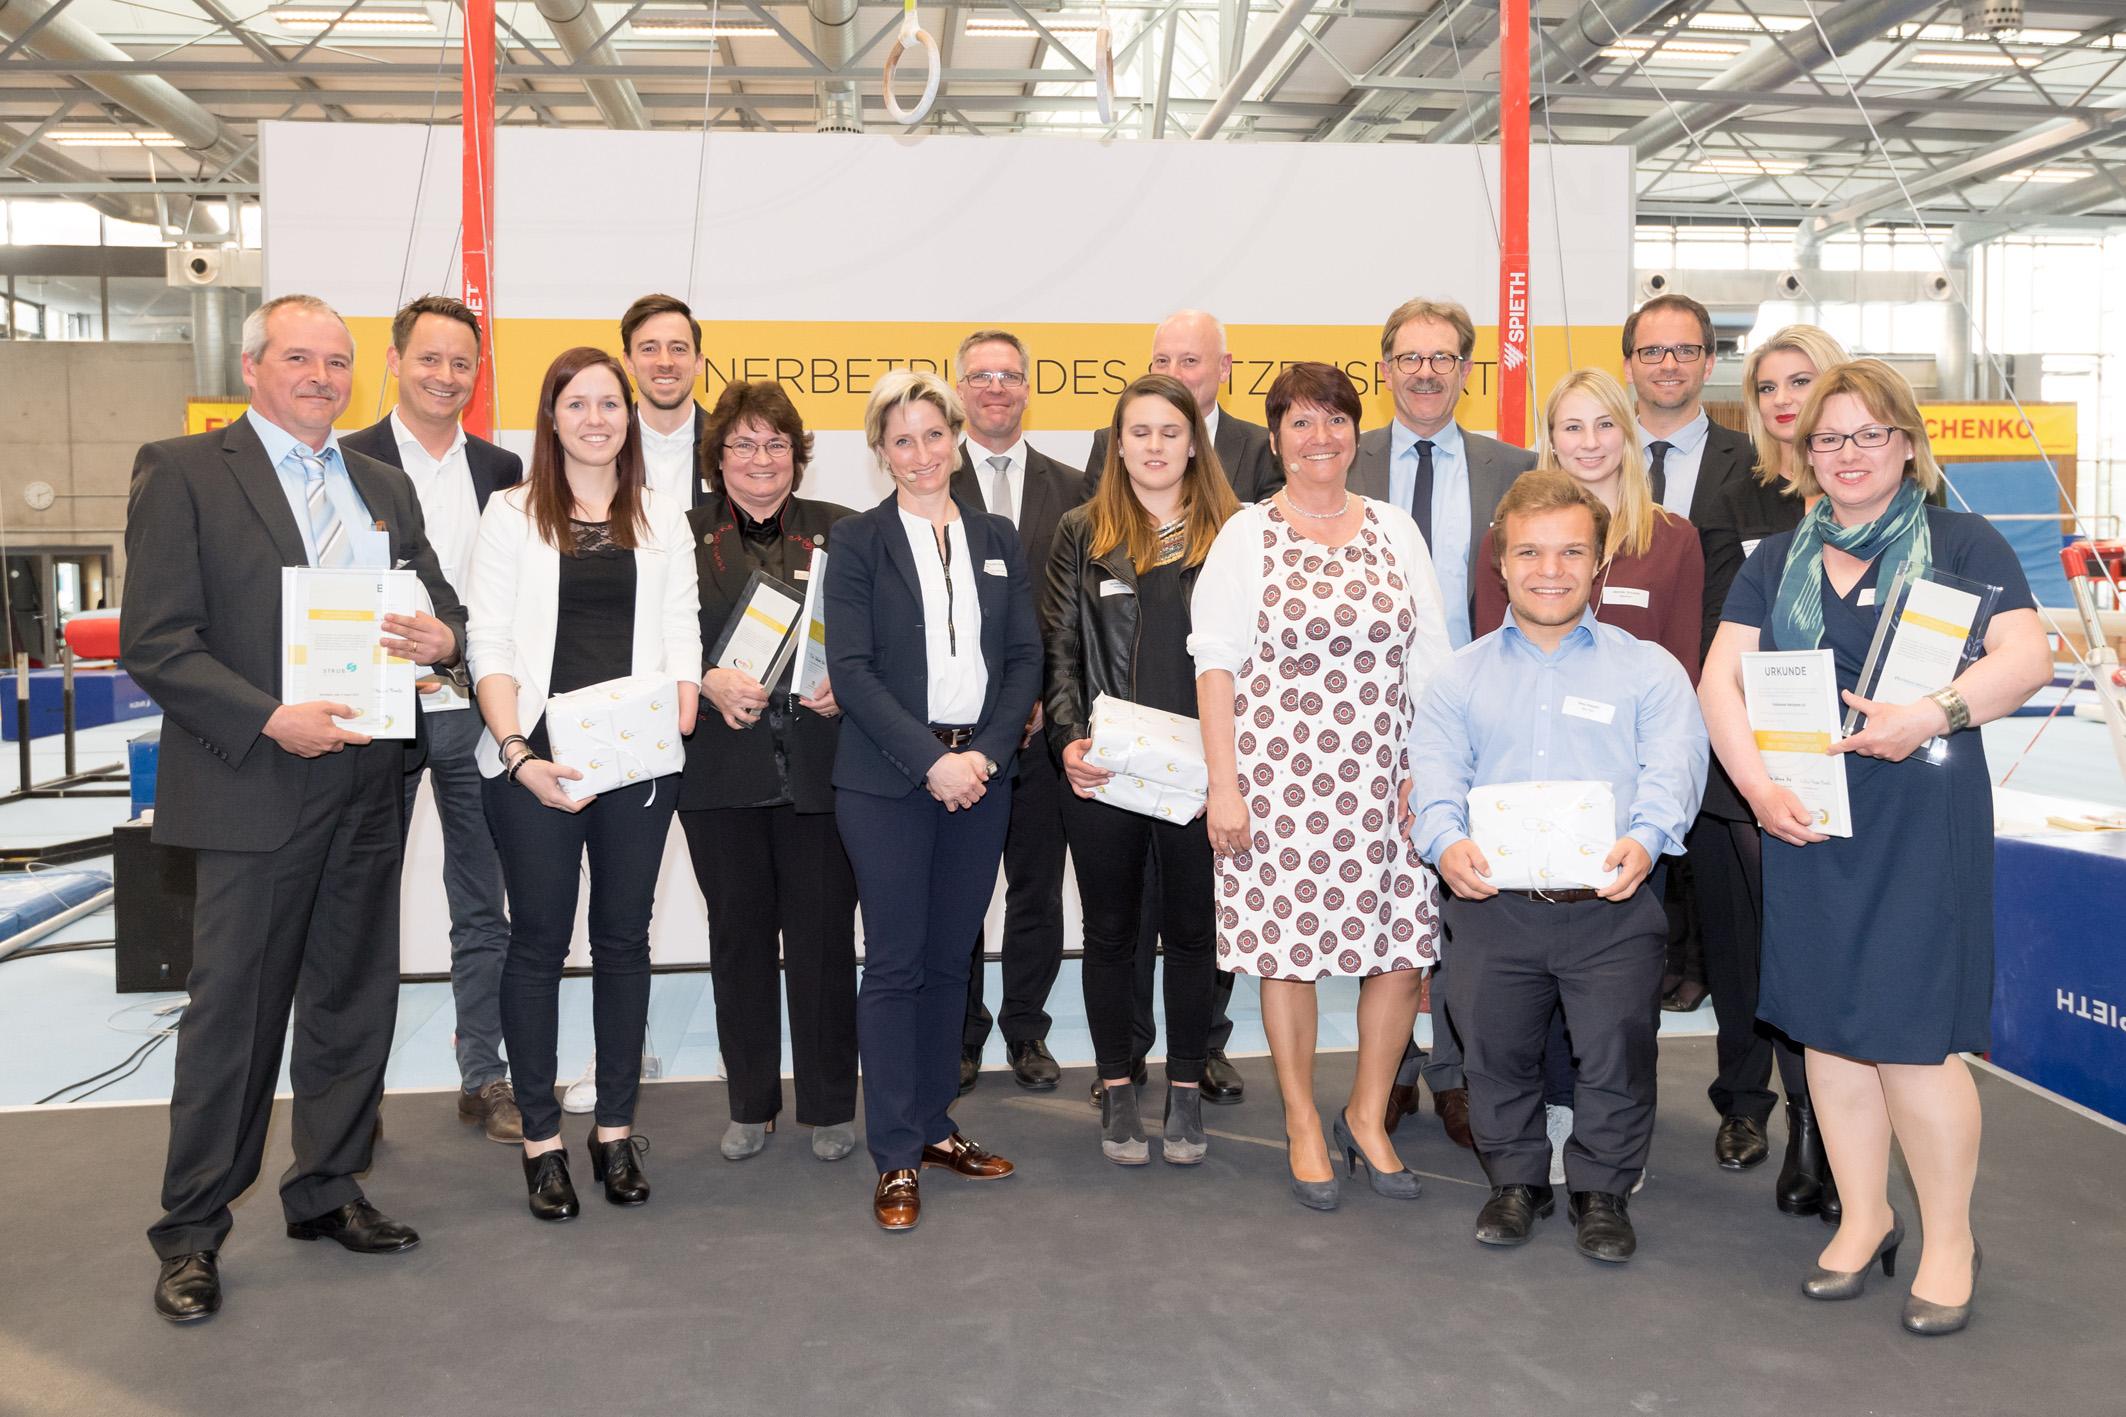 Auszeichnungsfeier 2017 - Partnerbetrieb des Spitzensports